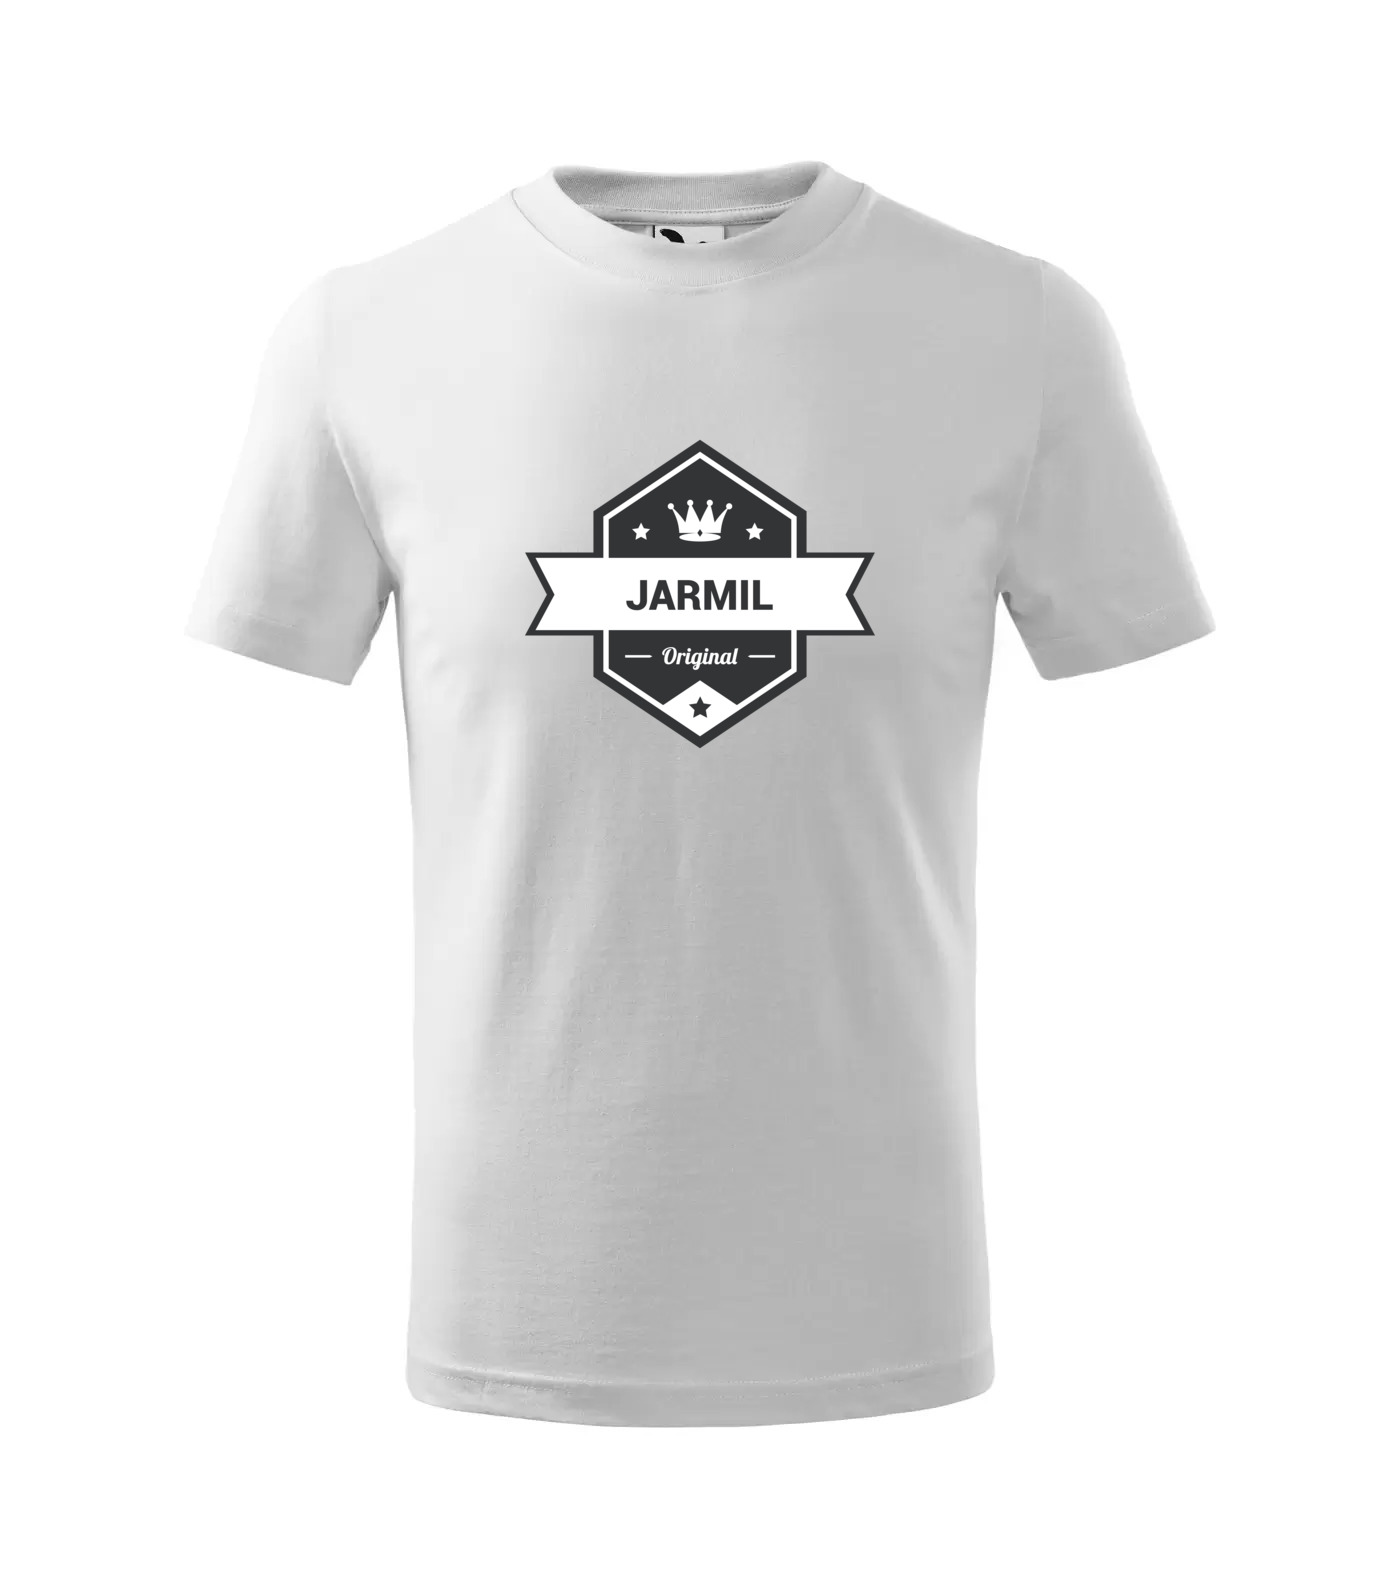 Tričko King Jarmil